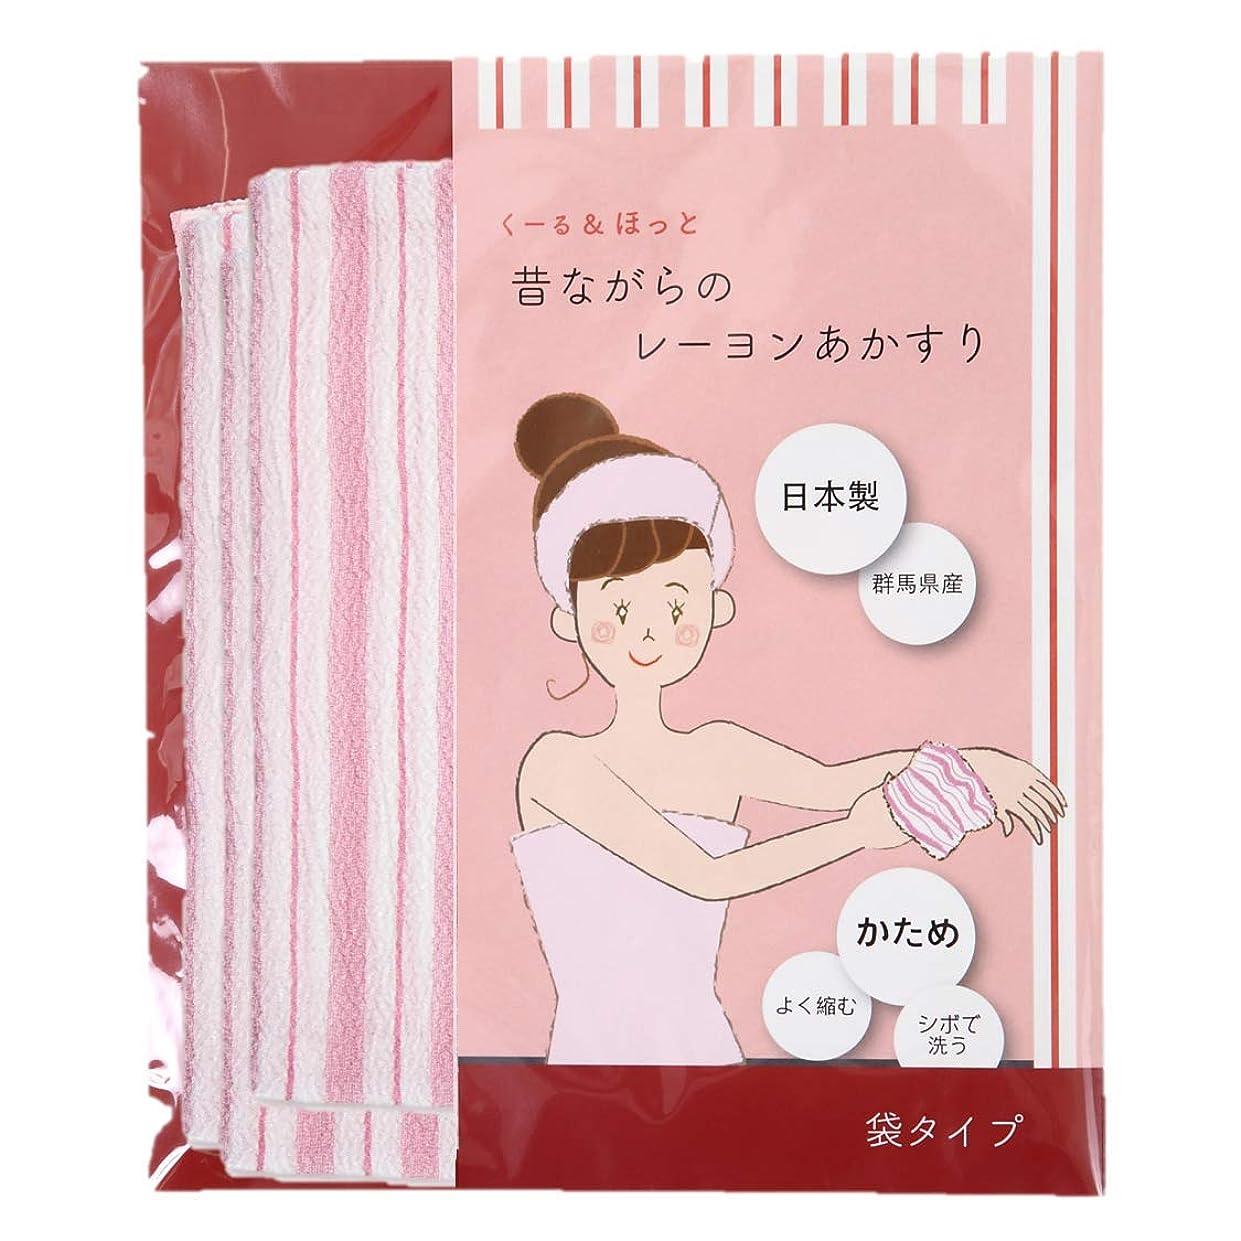 申し立て灌漑通訳くーる&ほっと 昔ながらのレーヨンあかすり 日本製(群馬県で製造) 袋タイプ (5枚組(ピンク))